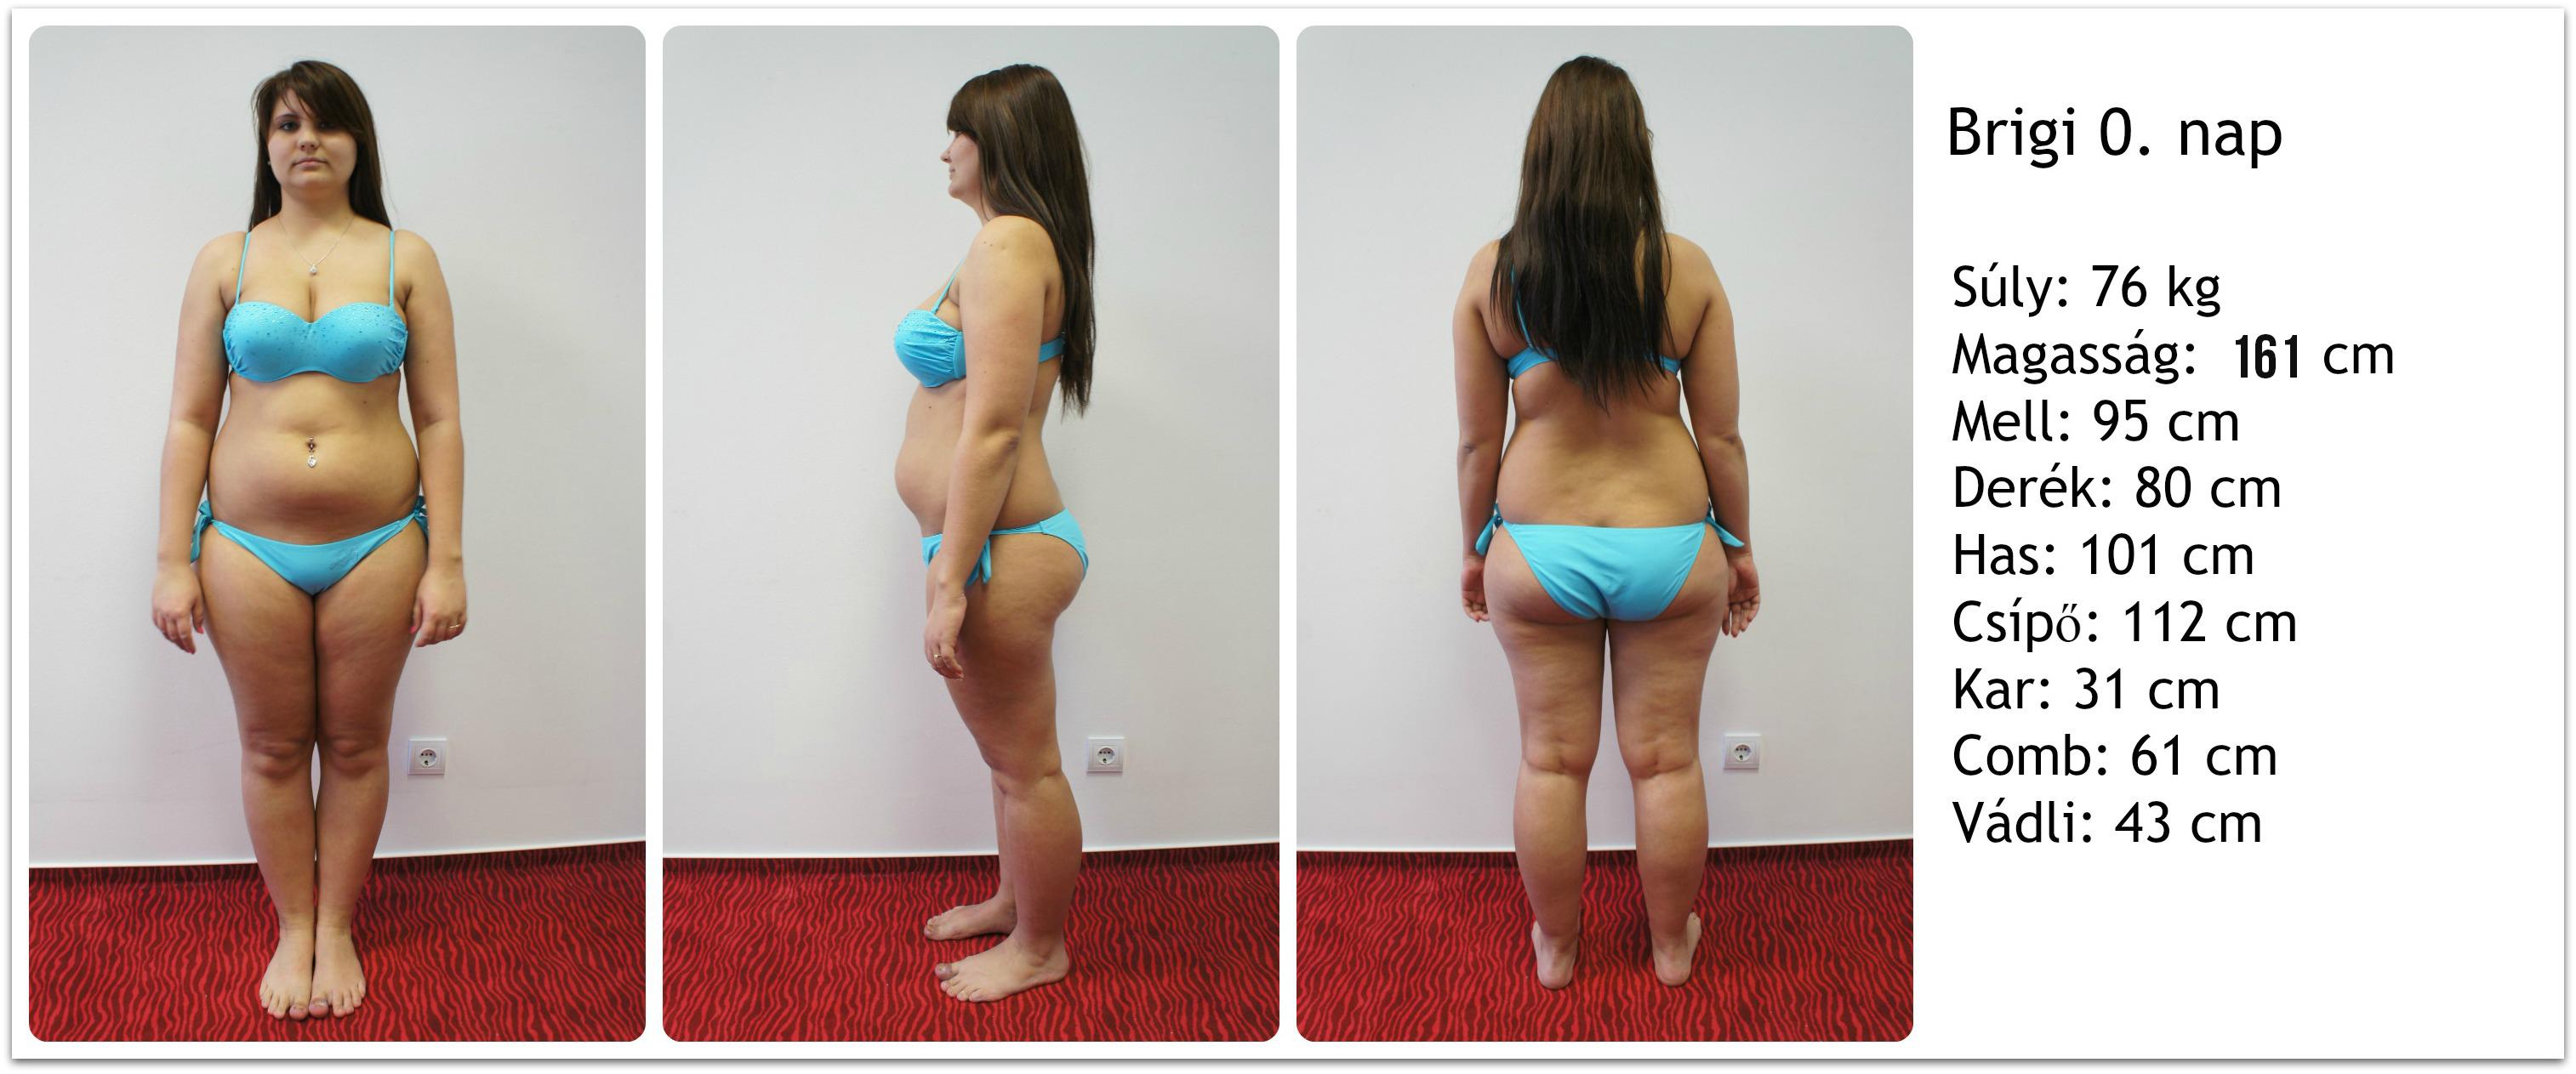 női fogyókúra súlycsökkenés alakult ki